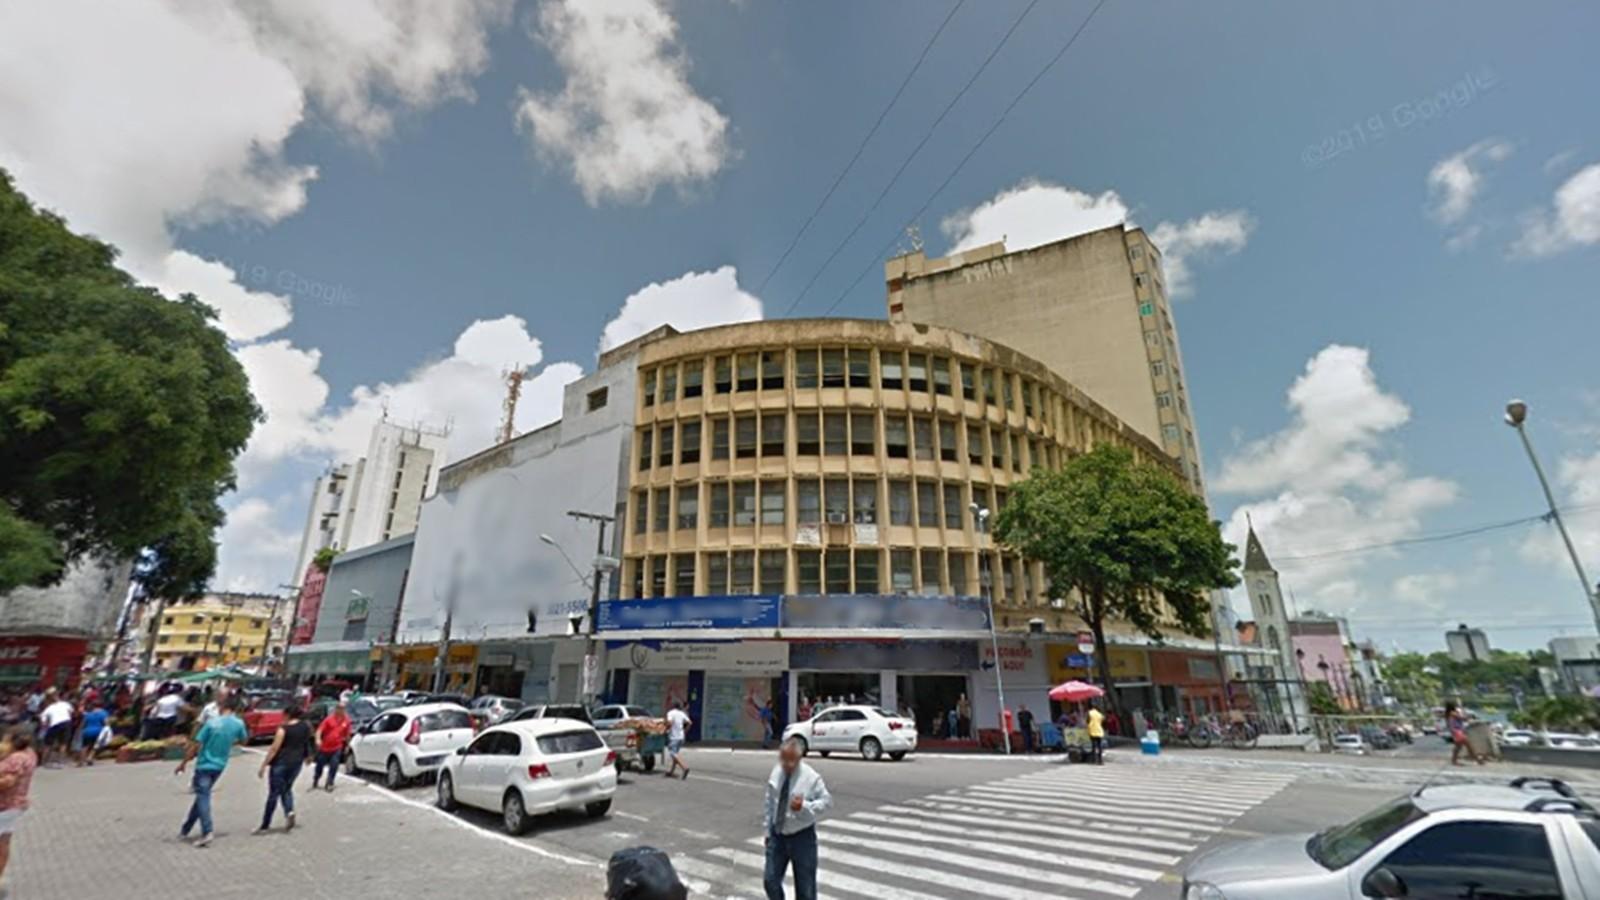 Decreto visa criar shopping popular em prédio no Ponto de Cem Réis, em João Pessoa - Notícias - Plantão Diário